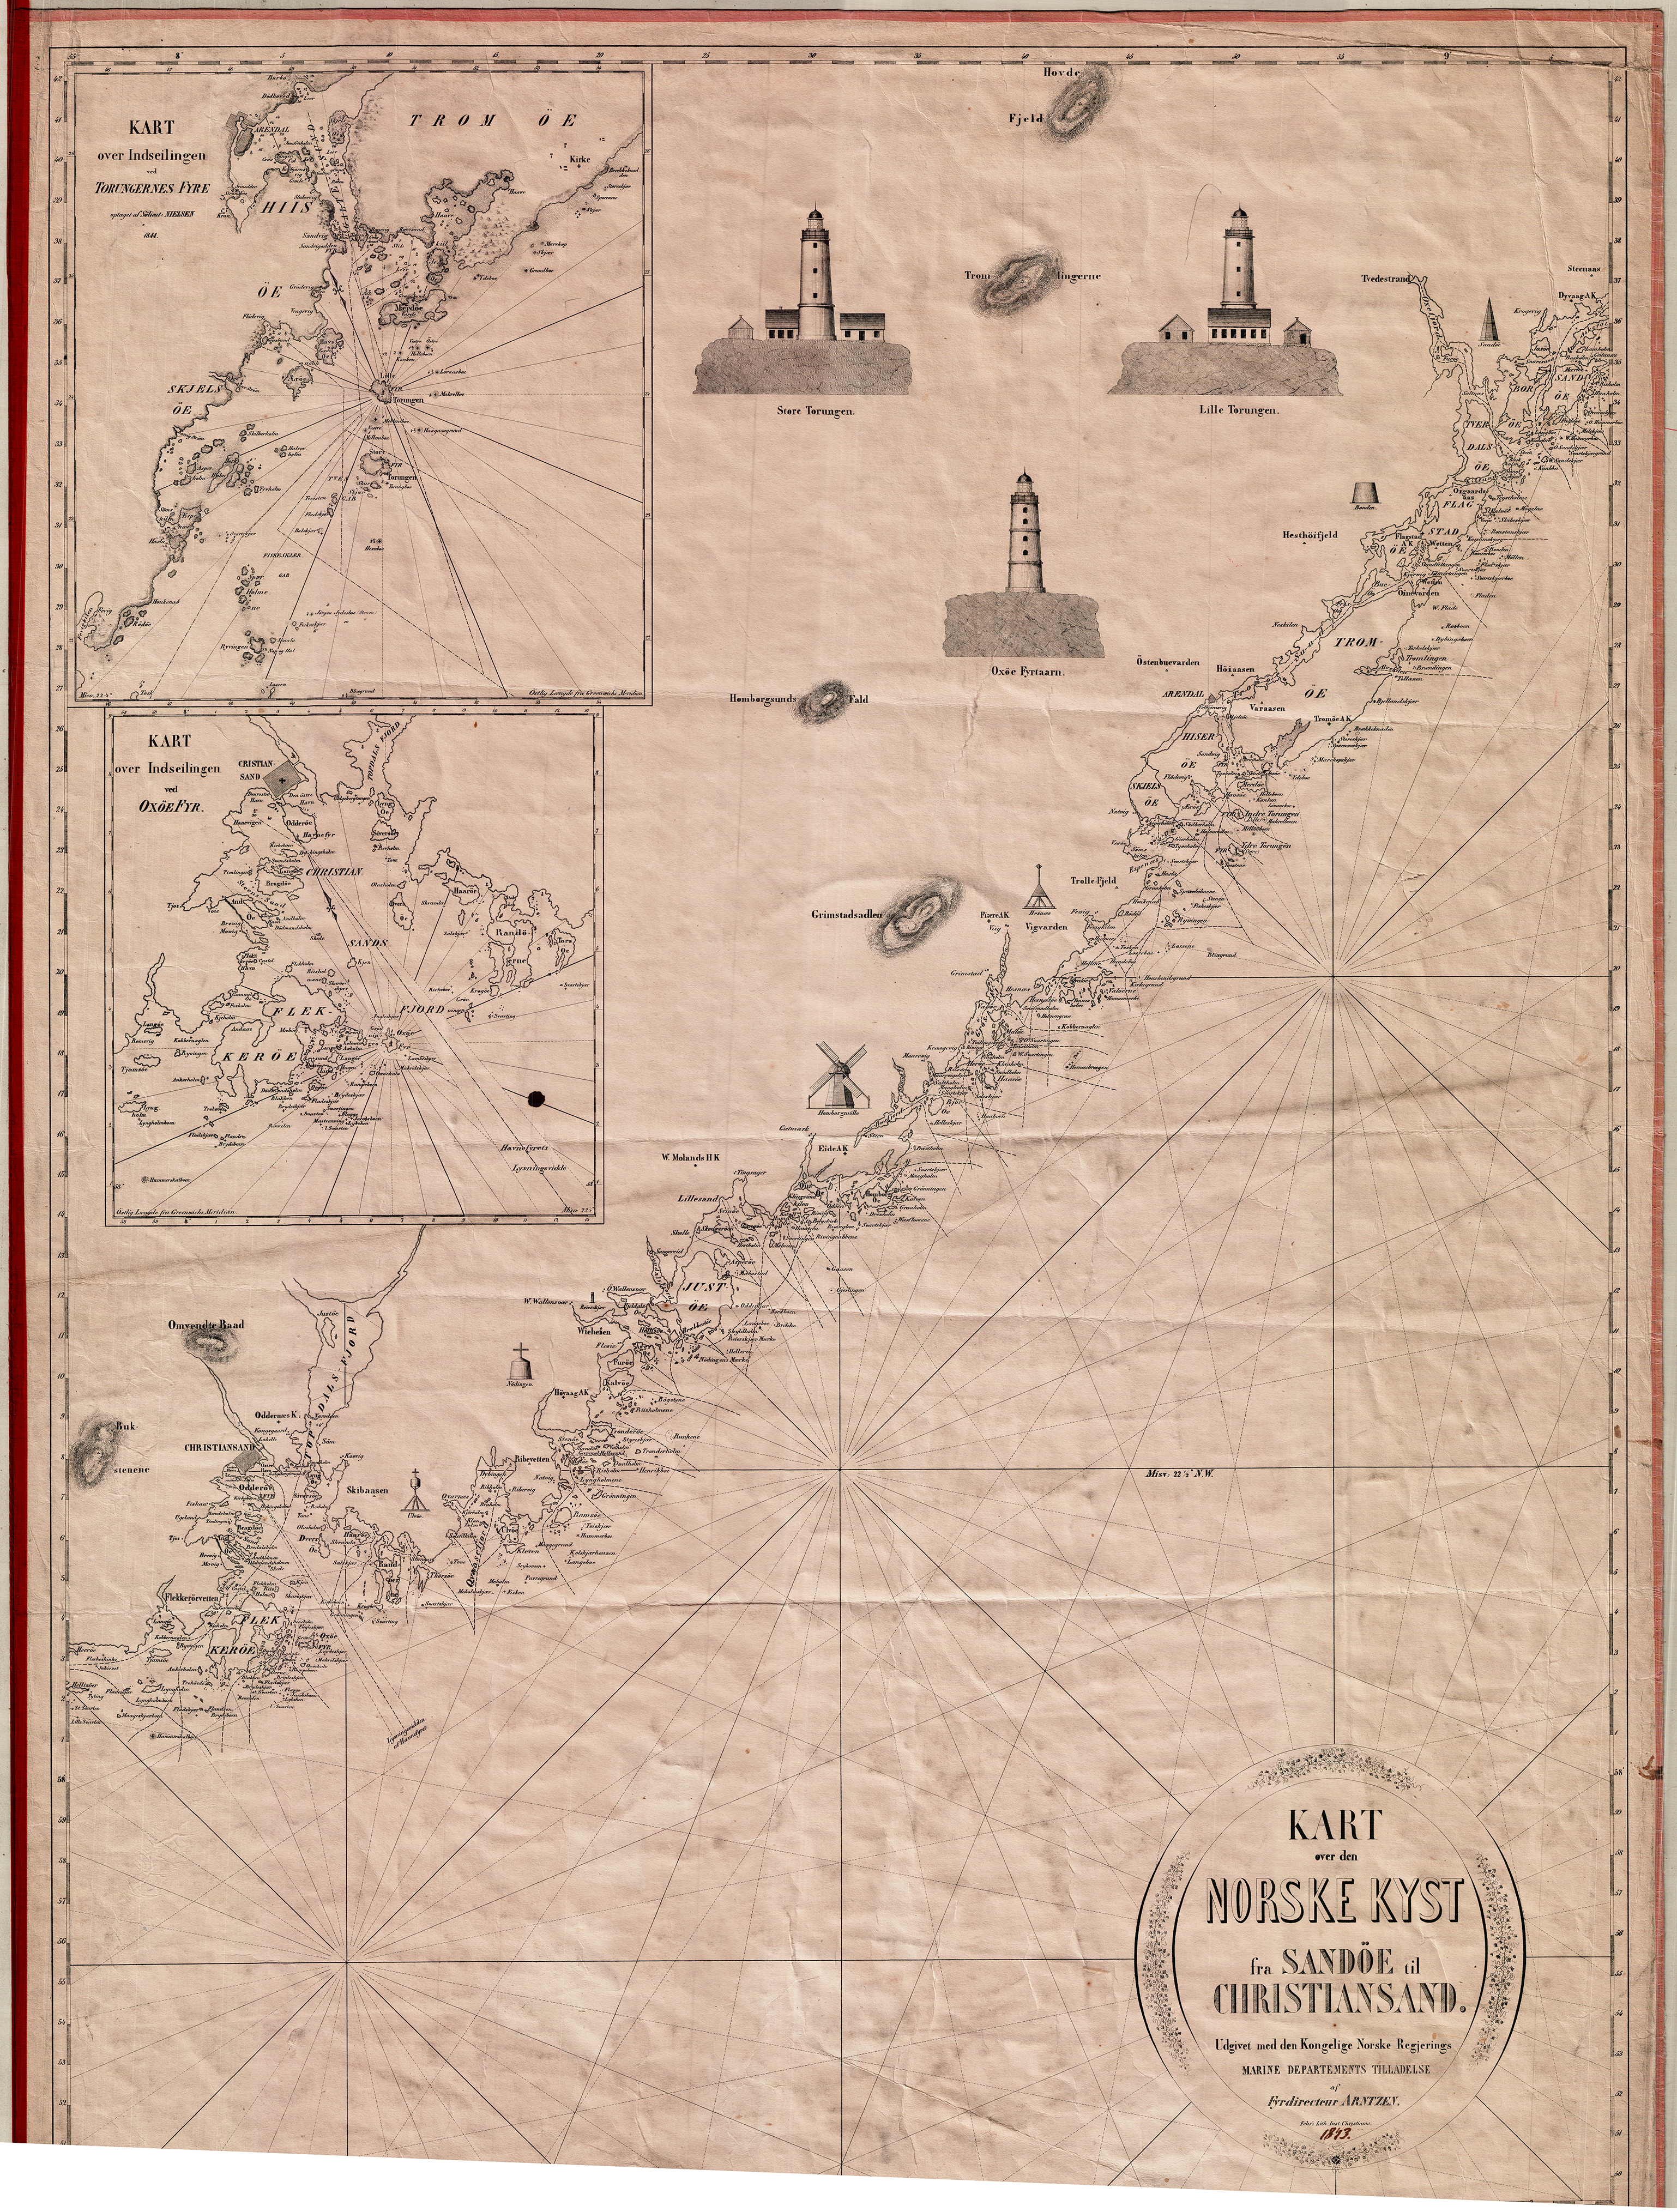 kart kyst File:Kart over kysten av Norge fra Kristiansand til Sandøya.png  kart kyst